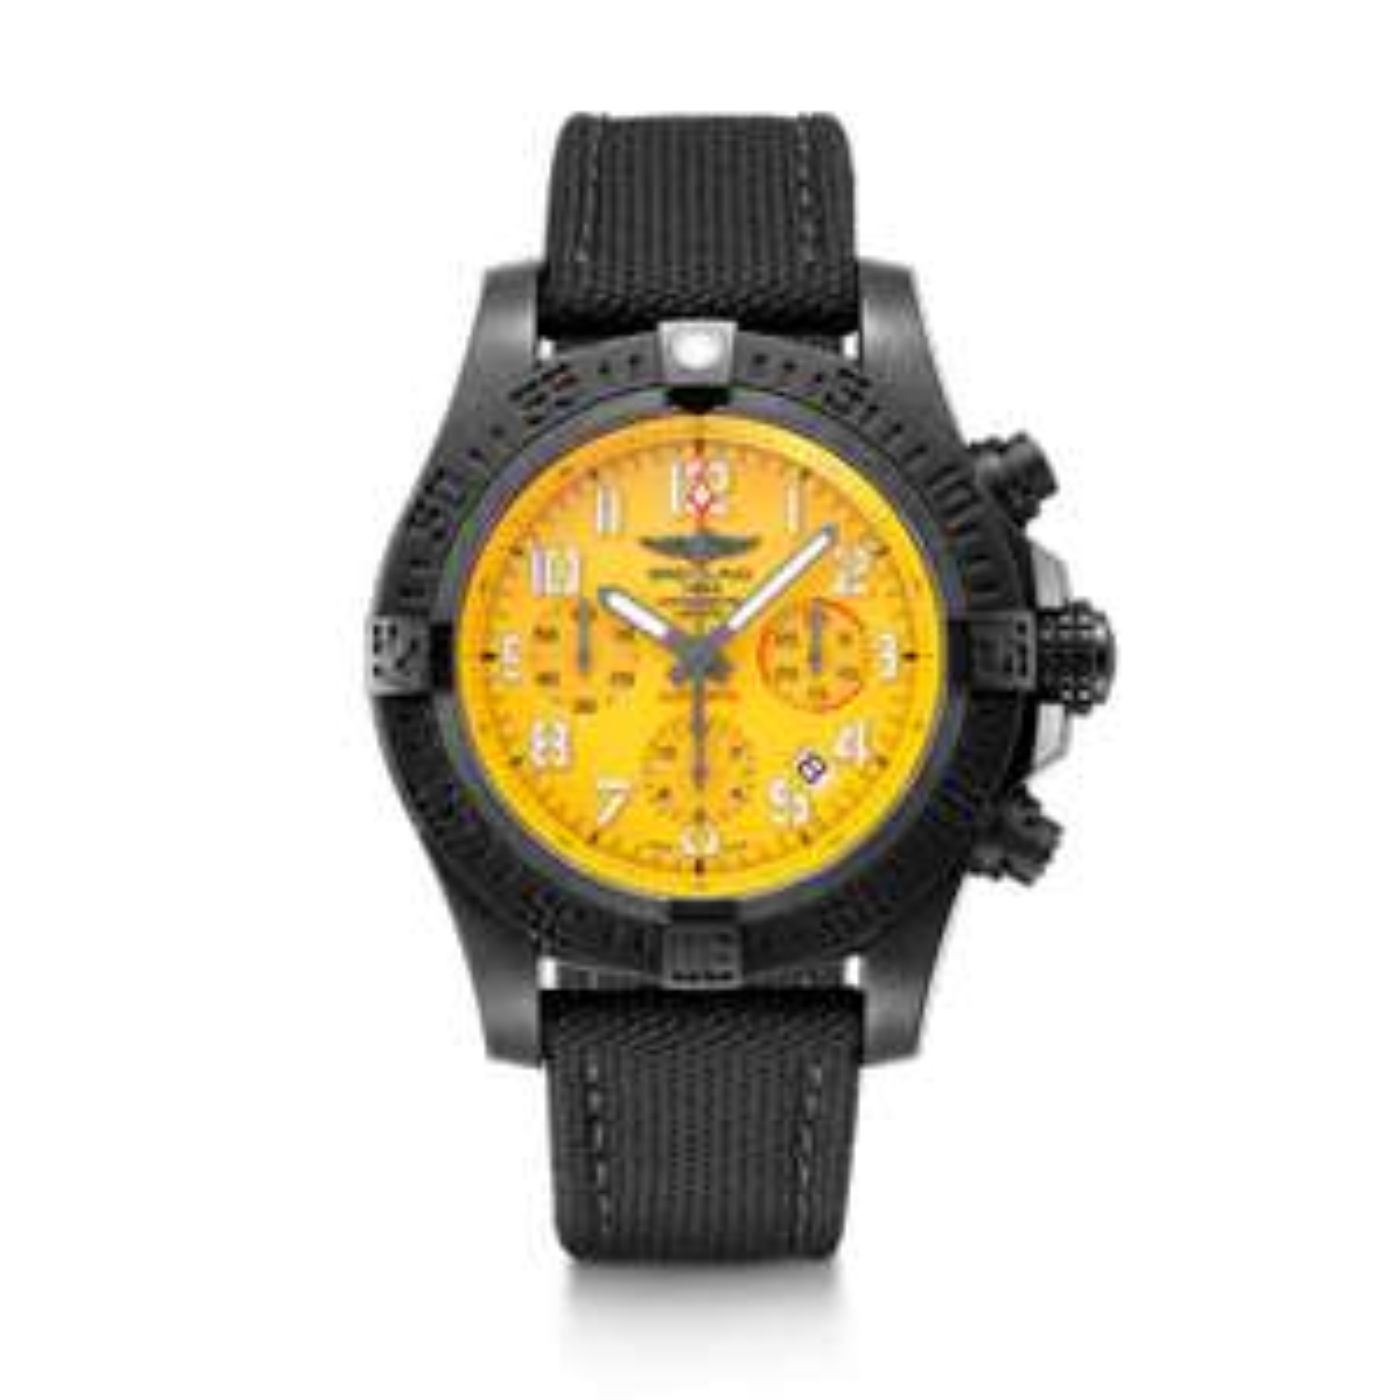 Montre Breitling Hurricane jaune Cobra (Jomashop - Frais de douane inclus)